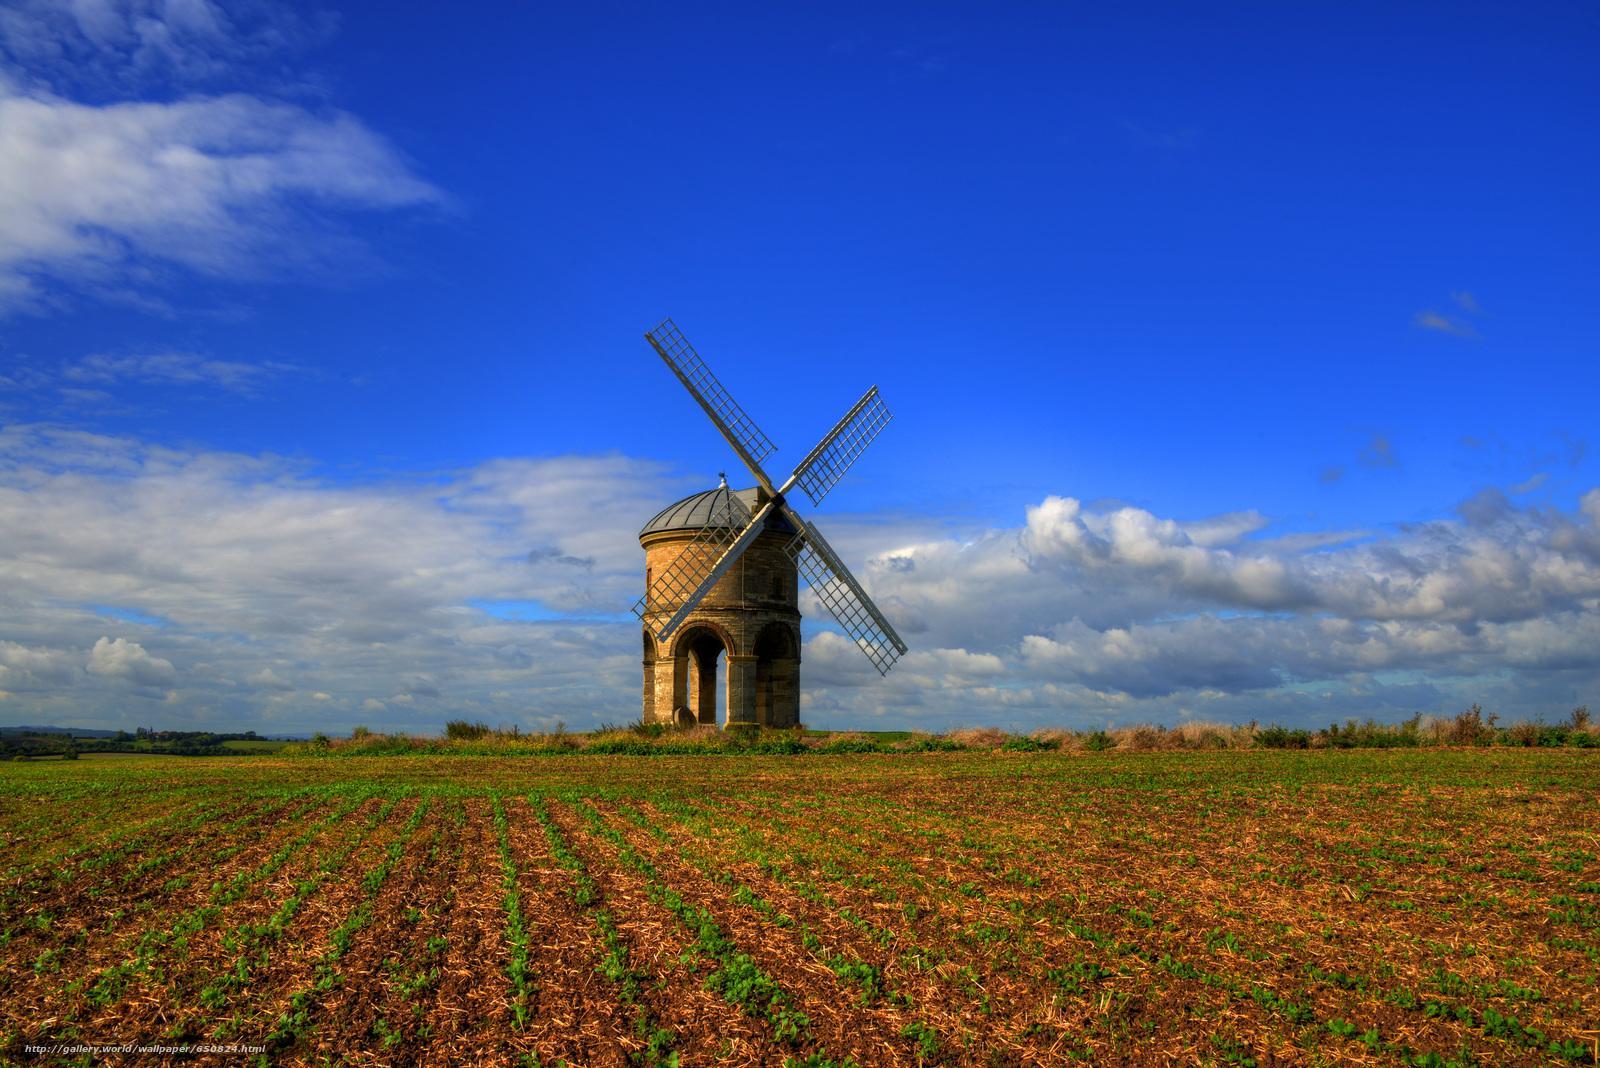 Скачать обои Честертон ветряная мельница,  Уорикшир,  Великобритания,  Chesterton Windmill бесплатно для рабочего стола в разрешении 7356x4910 — картинка №650824